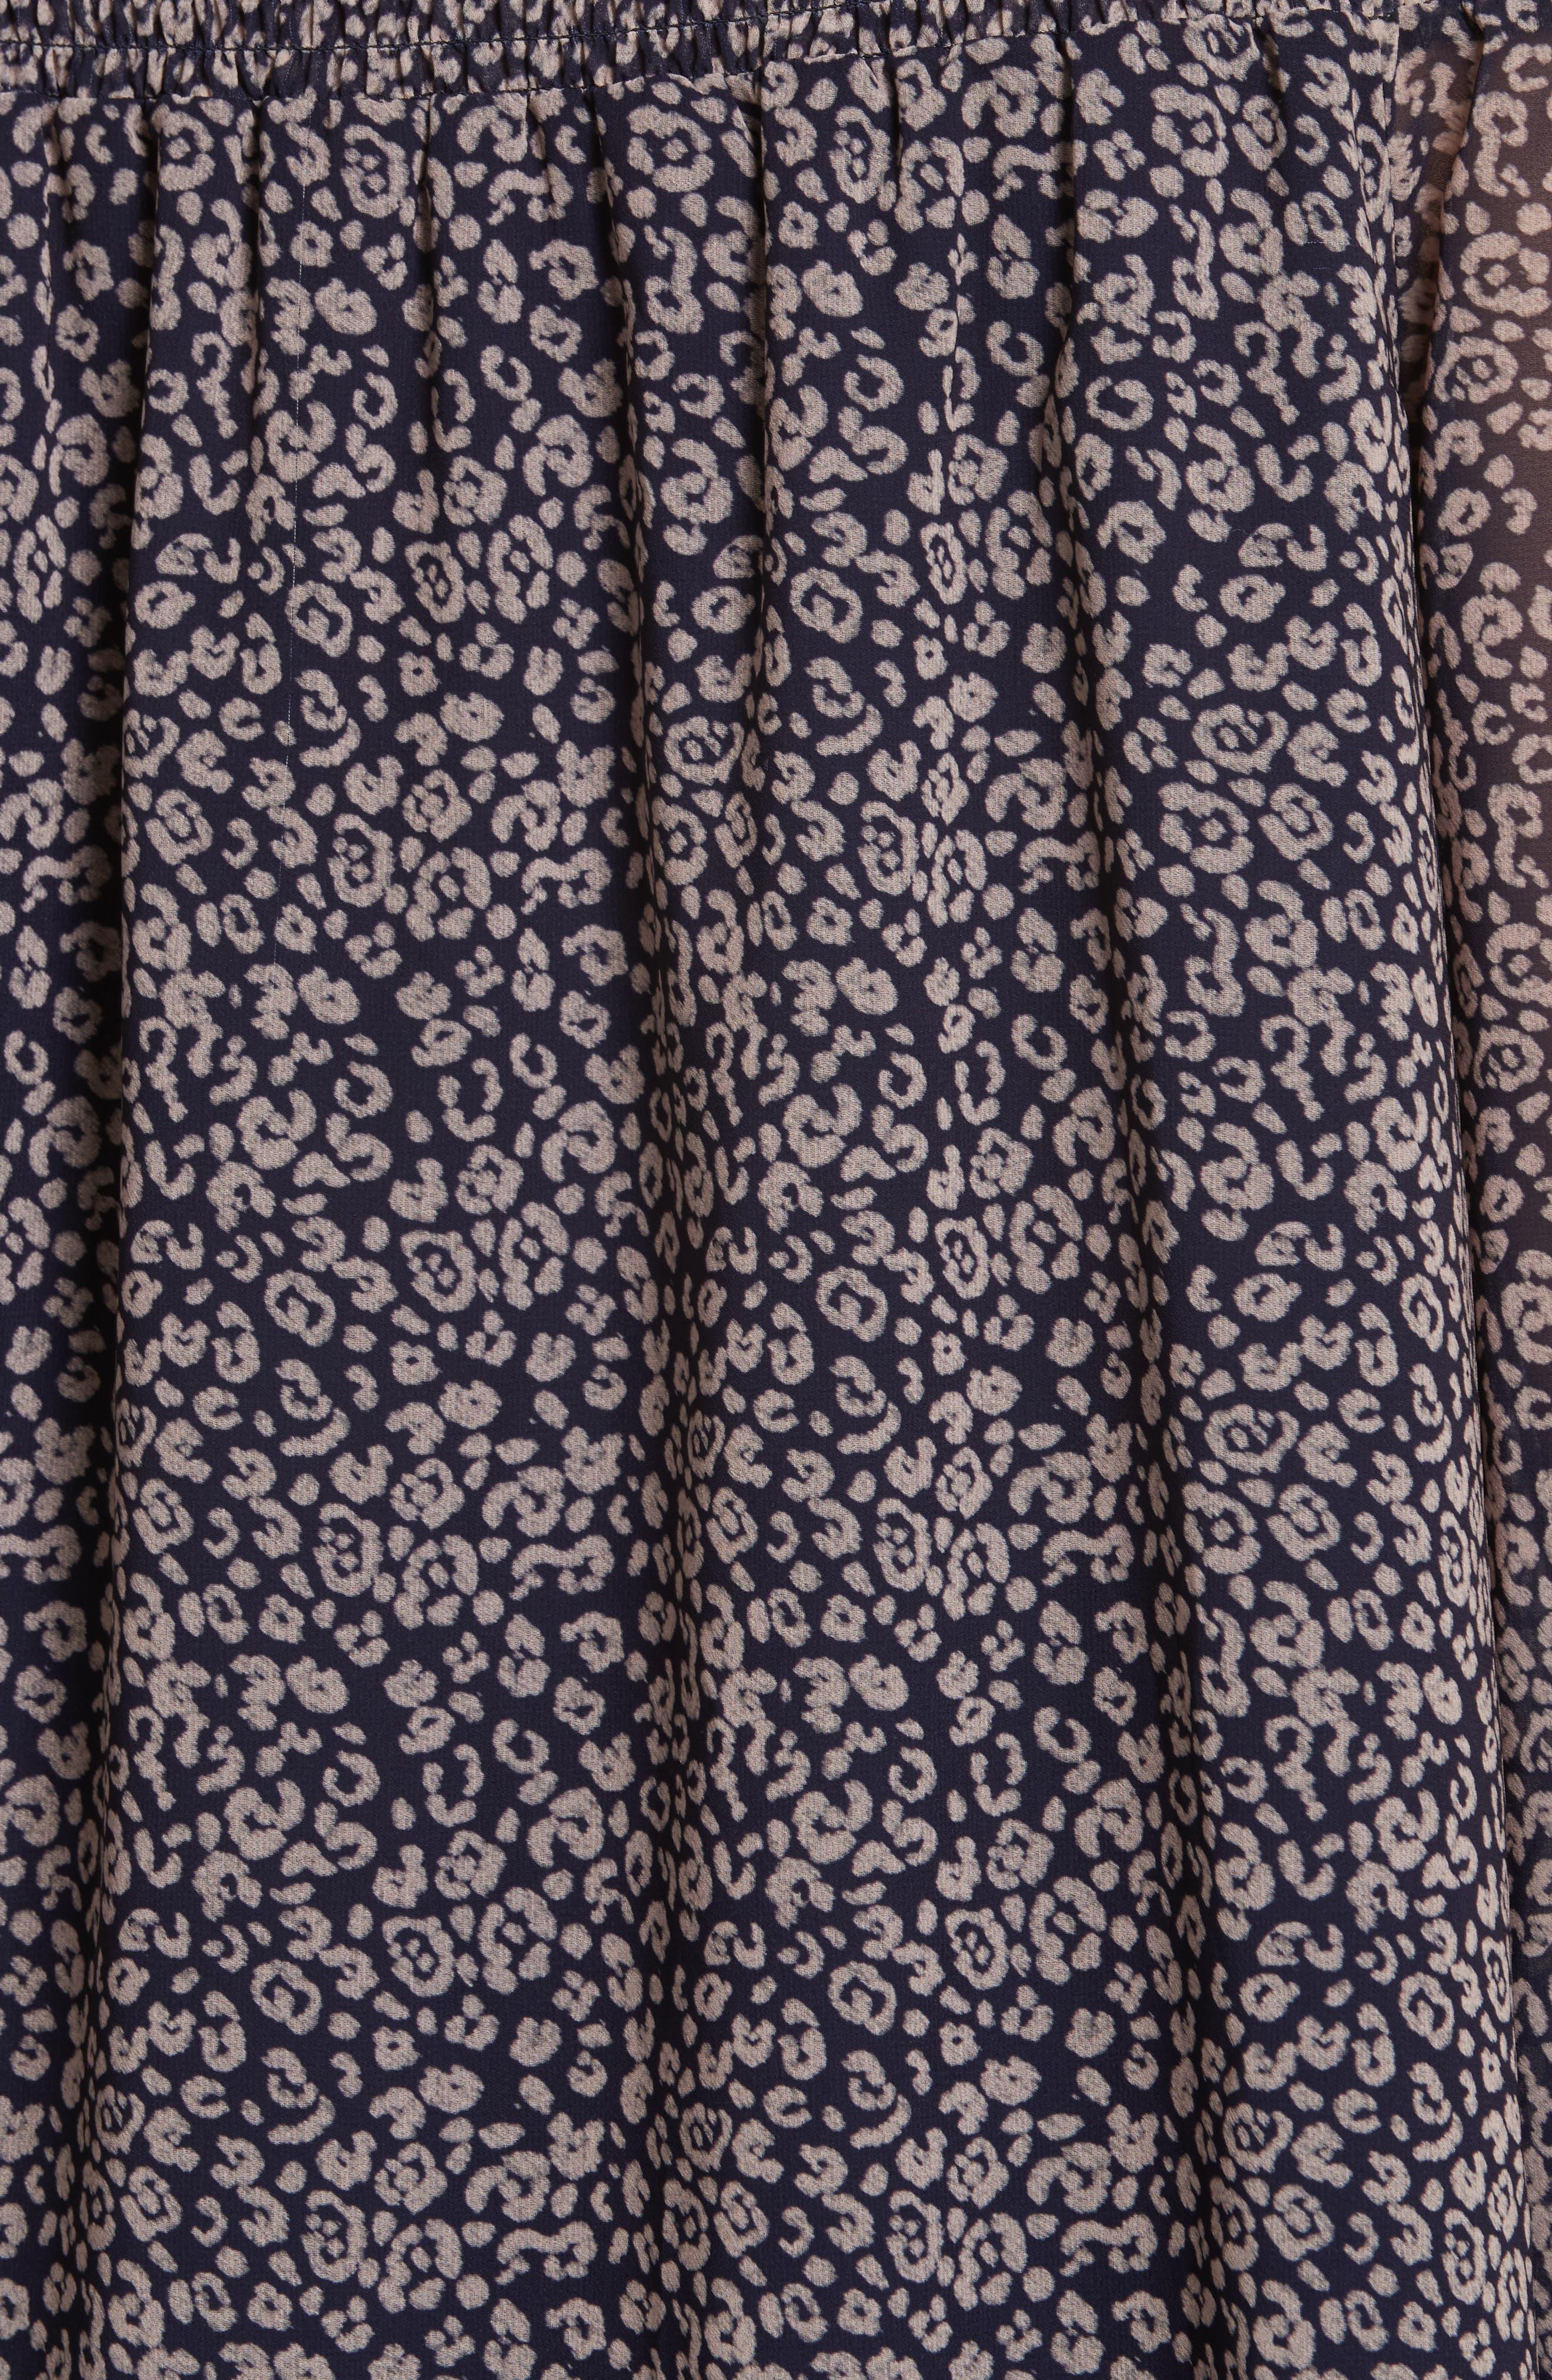 Avani Off the Shoulder Top,                             Alternate thumbnail 5, color,                             Purple Wine Leopard